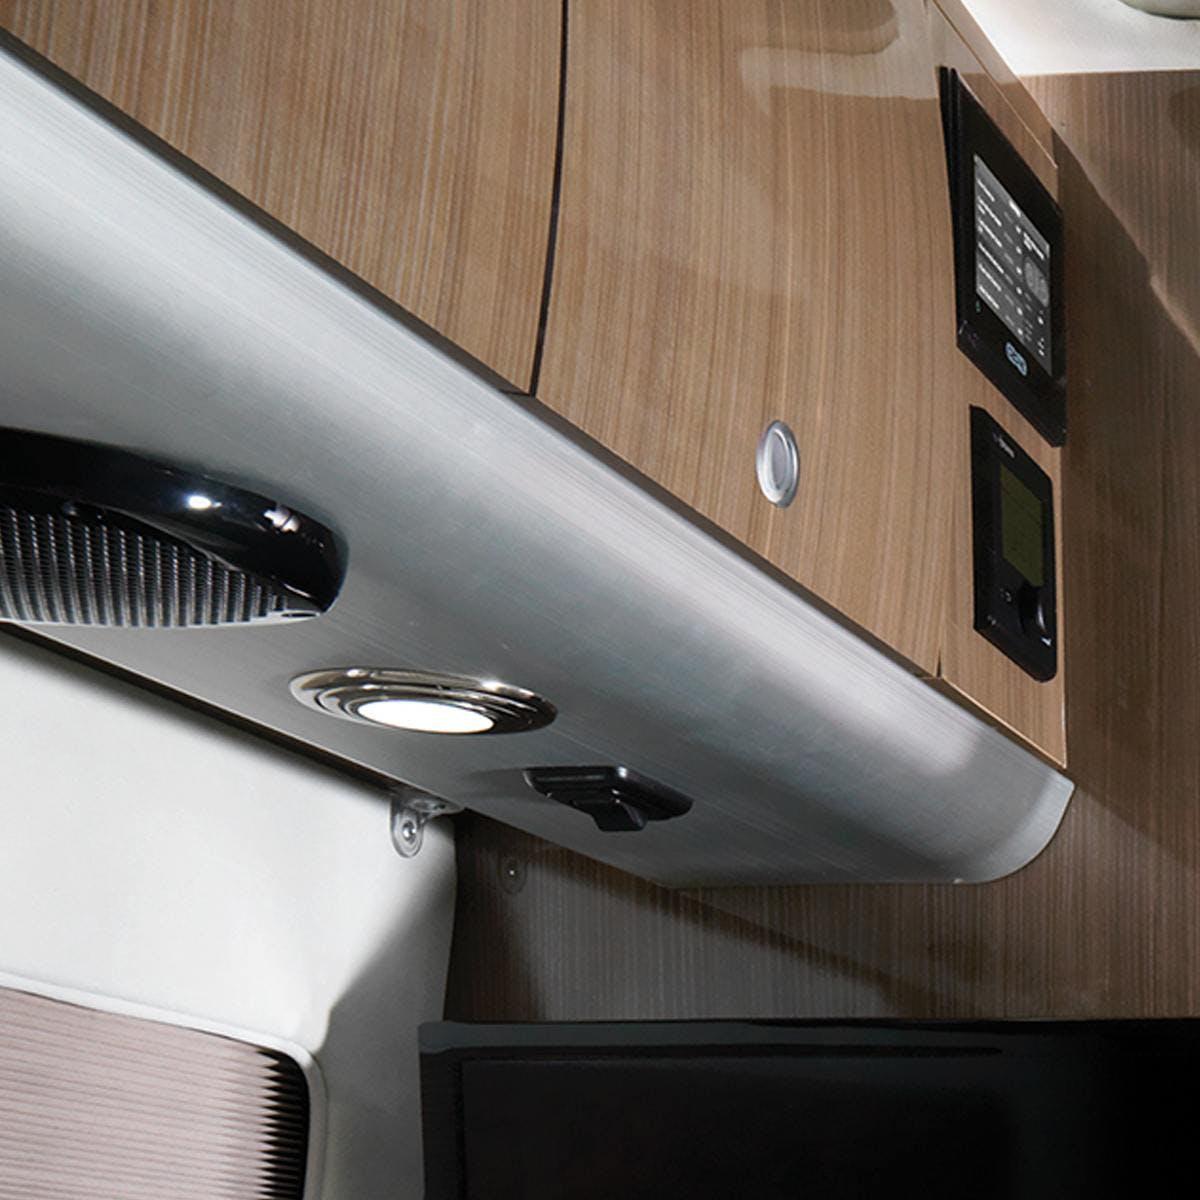 Airstream Interstate Nineteen Mercedes Benz cabinets storage lights speaker